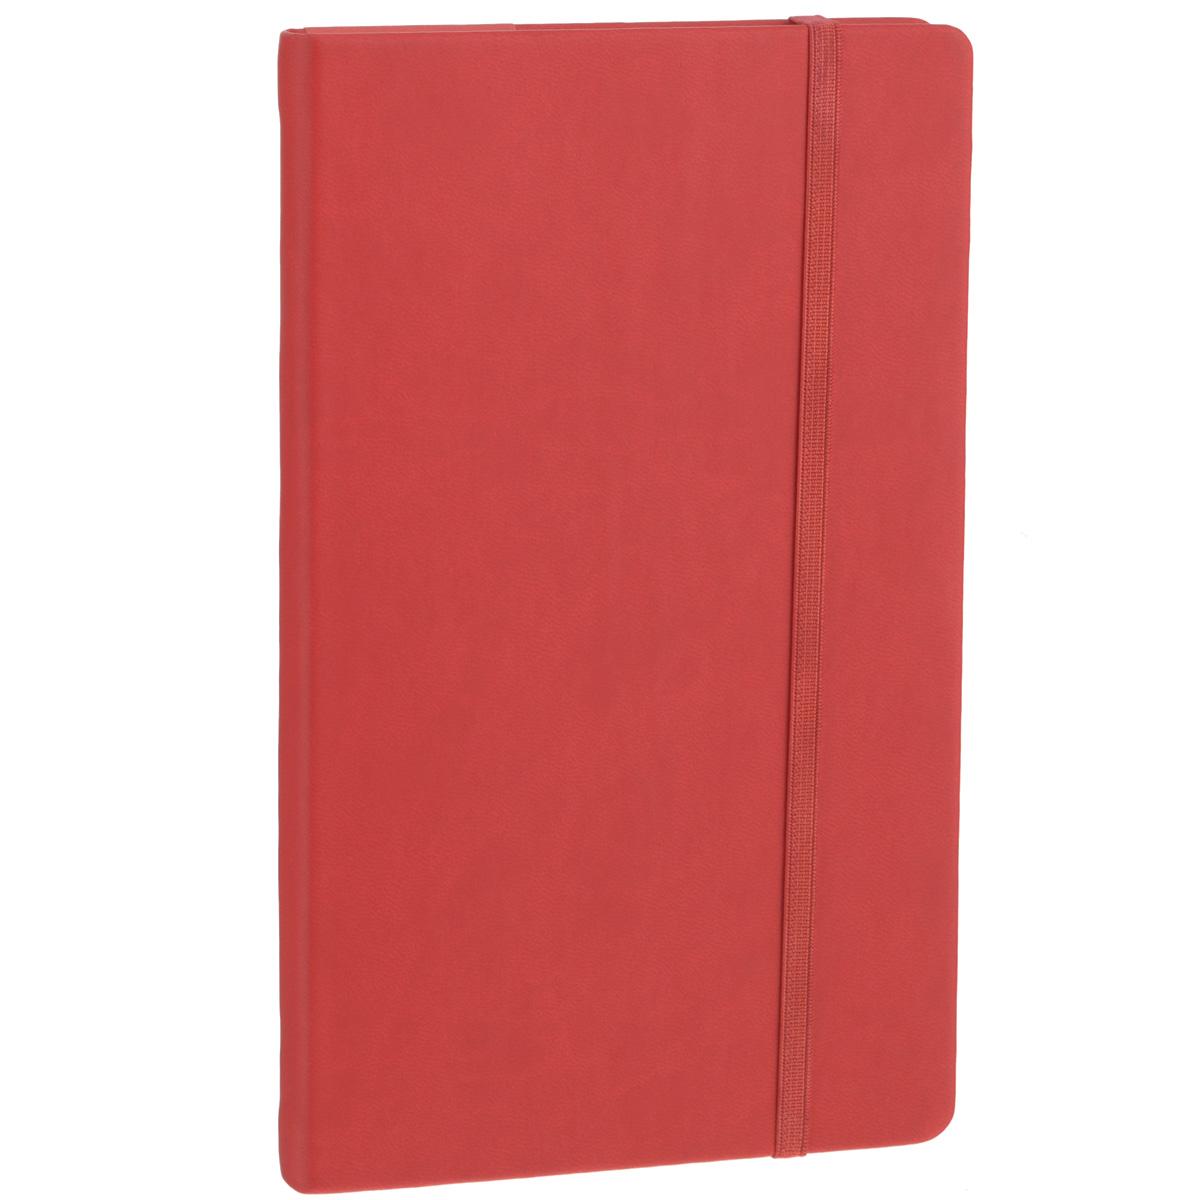 Записная книжка Erich Krause Festival, цвет: красный, 96 листовКЗК512082Записная книжка Erich Krause Festival - это дополнительный штрих к вашему имиджу. Демократичная в своем содержании, книжка может быть использована не только для личных пометок и записей, но и как недатированный ежедневник. Надежная твердая обложка из плотного приятного на ощупь картона сохранит ее в аккуратном состоянии на протяжении всего времени использования. Плотная в линейку бумага белого цвета, закладка-ляссе, практичные скругленные углы, эластичная петелька для ручки и внутренний бумажный карман на задней обложке - все это обеспечит вам истинное удовольствие от письма. В начале книжки имеется страничка для заполнения личных данных владельца, четыре страницы для заполнения адресов, телефонов и интернет-почты и четыре страницы для заполнения сайтов и ссылок. Благодаря небольшому формату книжку легко взять с собой. Записная книжка плотно закрывается при помощи фиксирующей резинки.